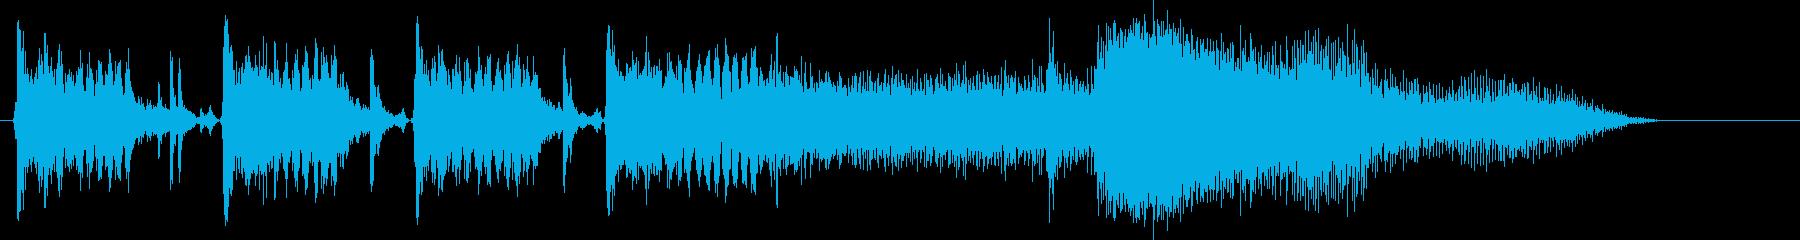 自動車;スタート/アウェイ; 19...の再生済みの波形